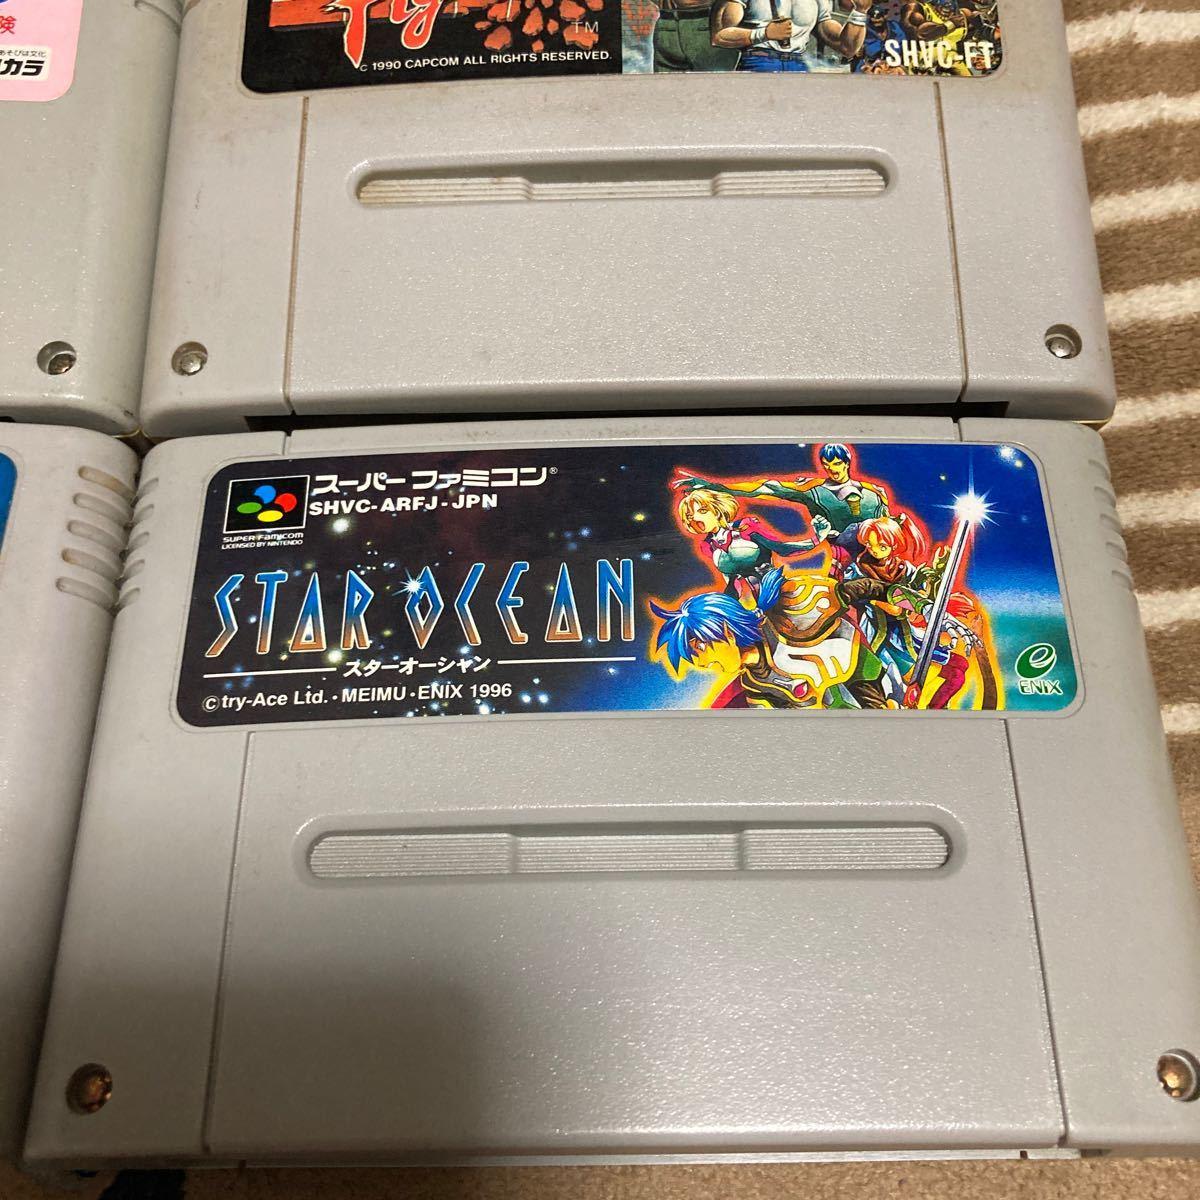 送料無料 SFC スーパーファミコン 6本セット ロックマンX スターオーシャン ミラクルガールズ 新桃太郎伝説 ファイナルファイト 超魔界村等